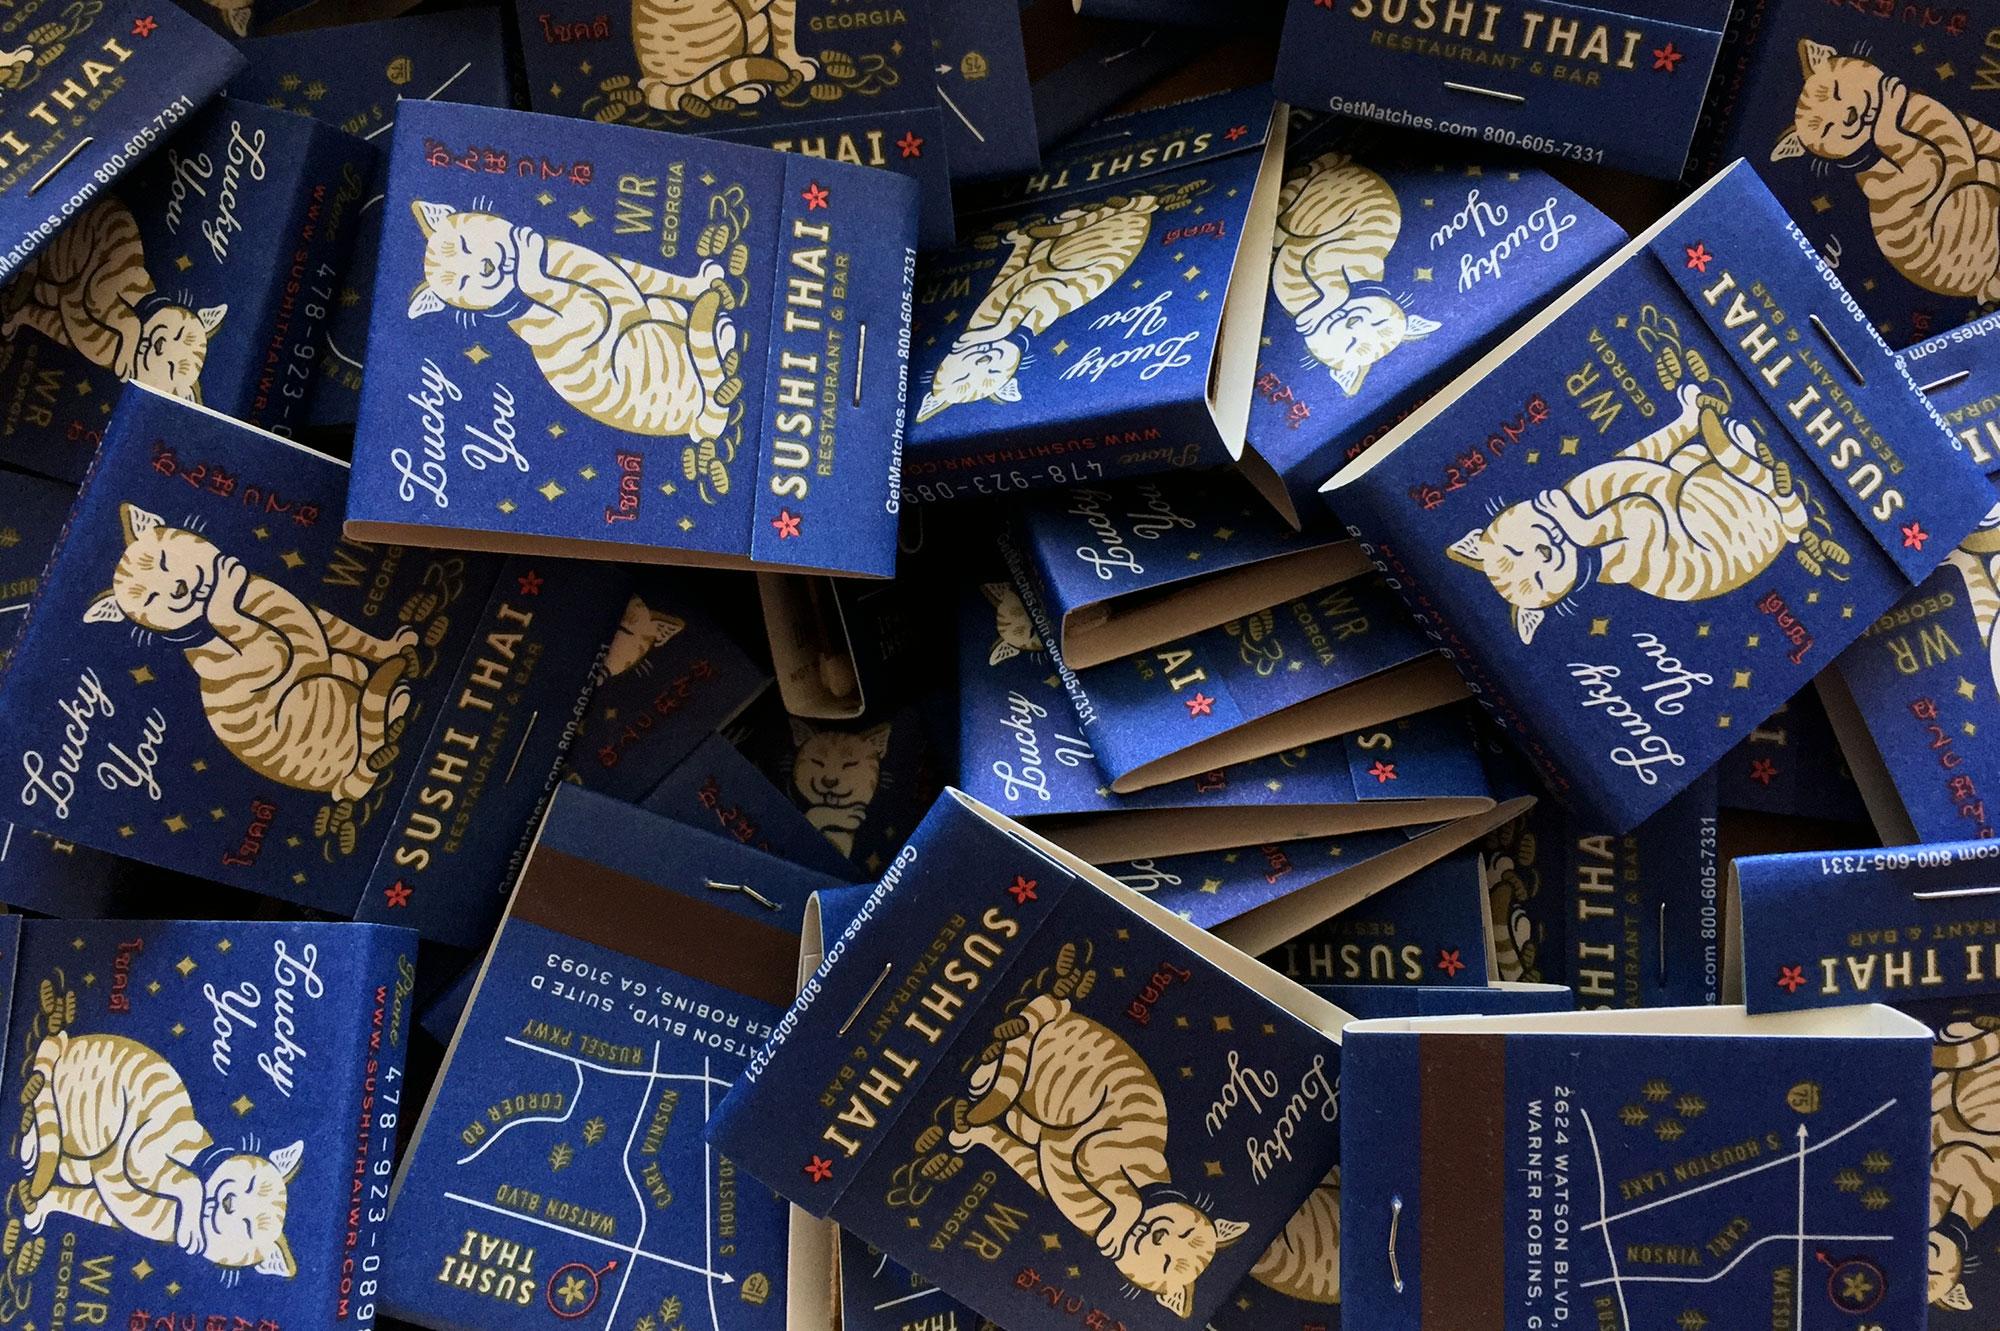 Matchbooks for Sushi Thai Restaurant in Georgia